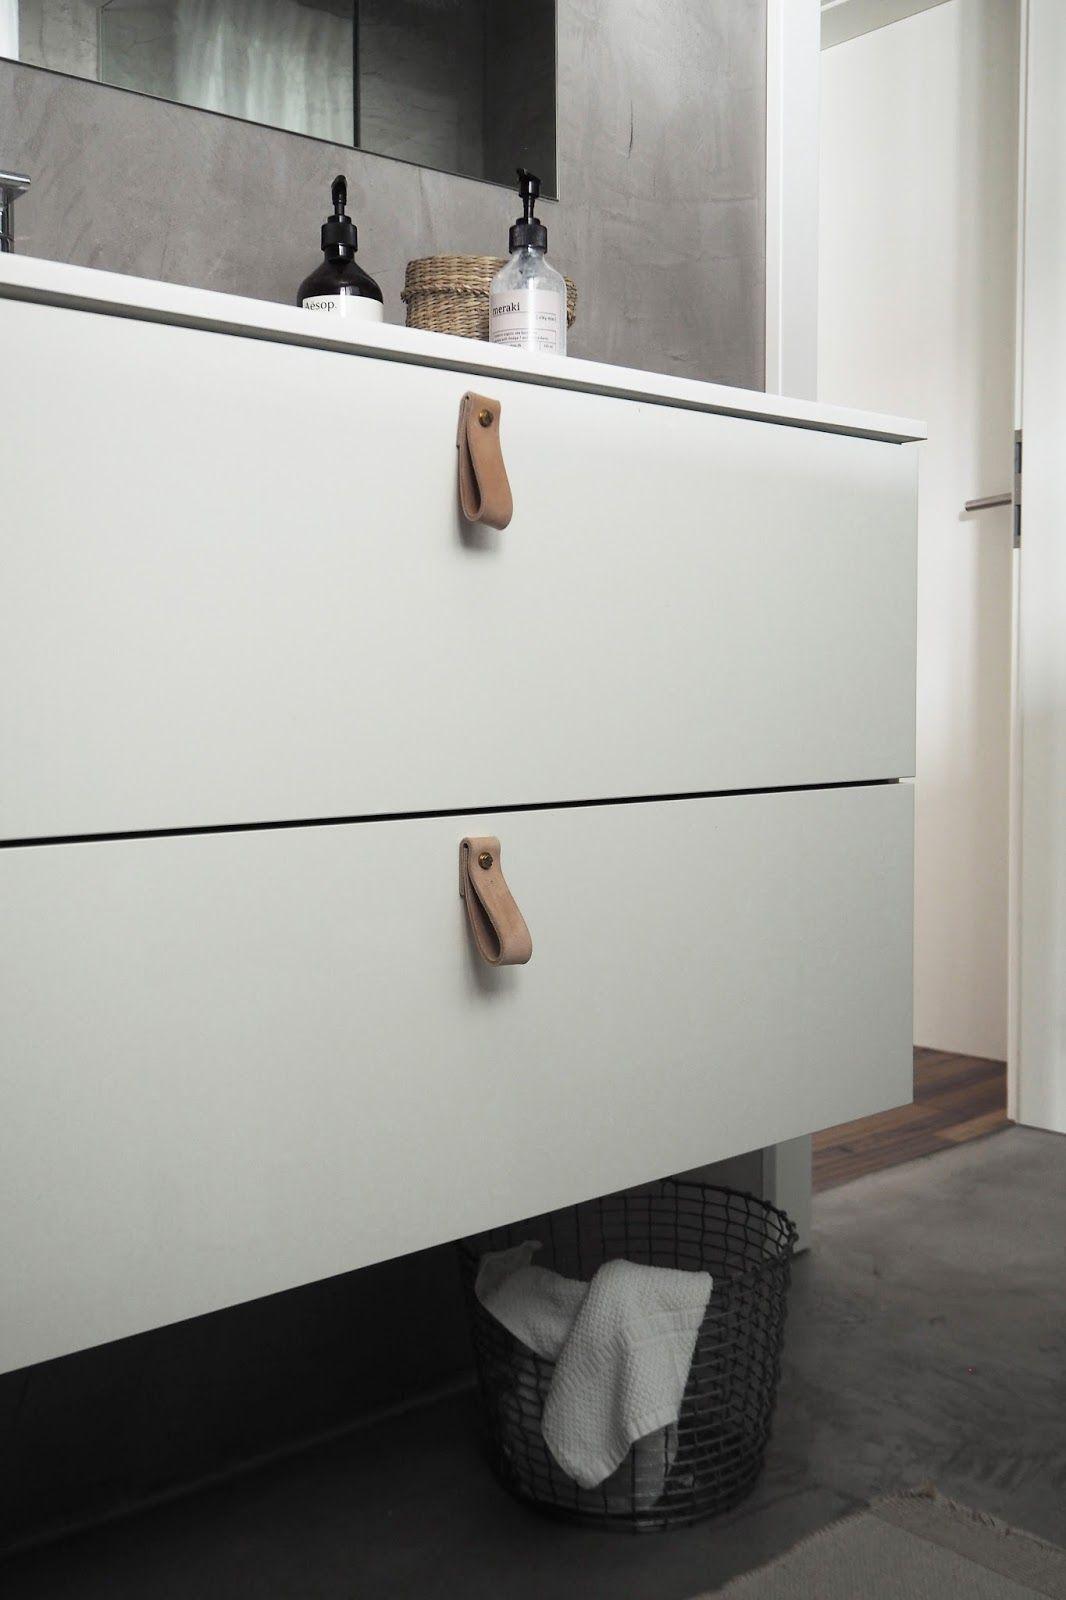 Full Size of Ikea Unterschrank Diy Bad Holz Betten 160x200 Küche Kosten Kaufen Sofa Mit Schlaffunktion Modulküche Eckunterschrank Miniküche Badezimmer Bei Wohnzimmer Ikea Unterschrank